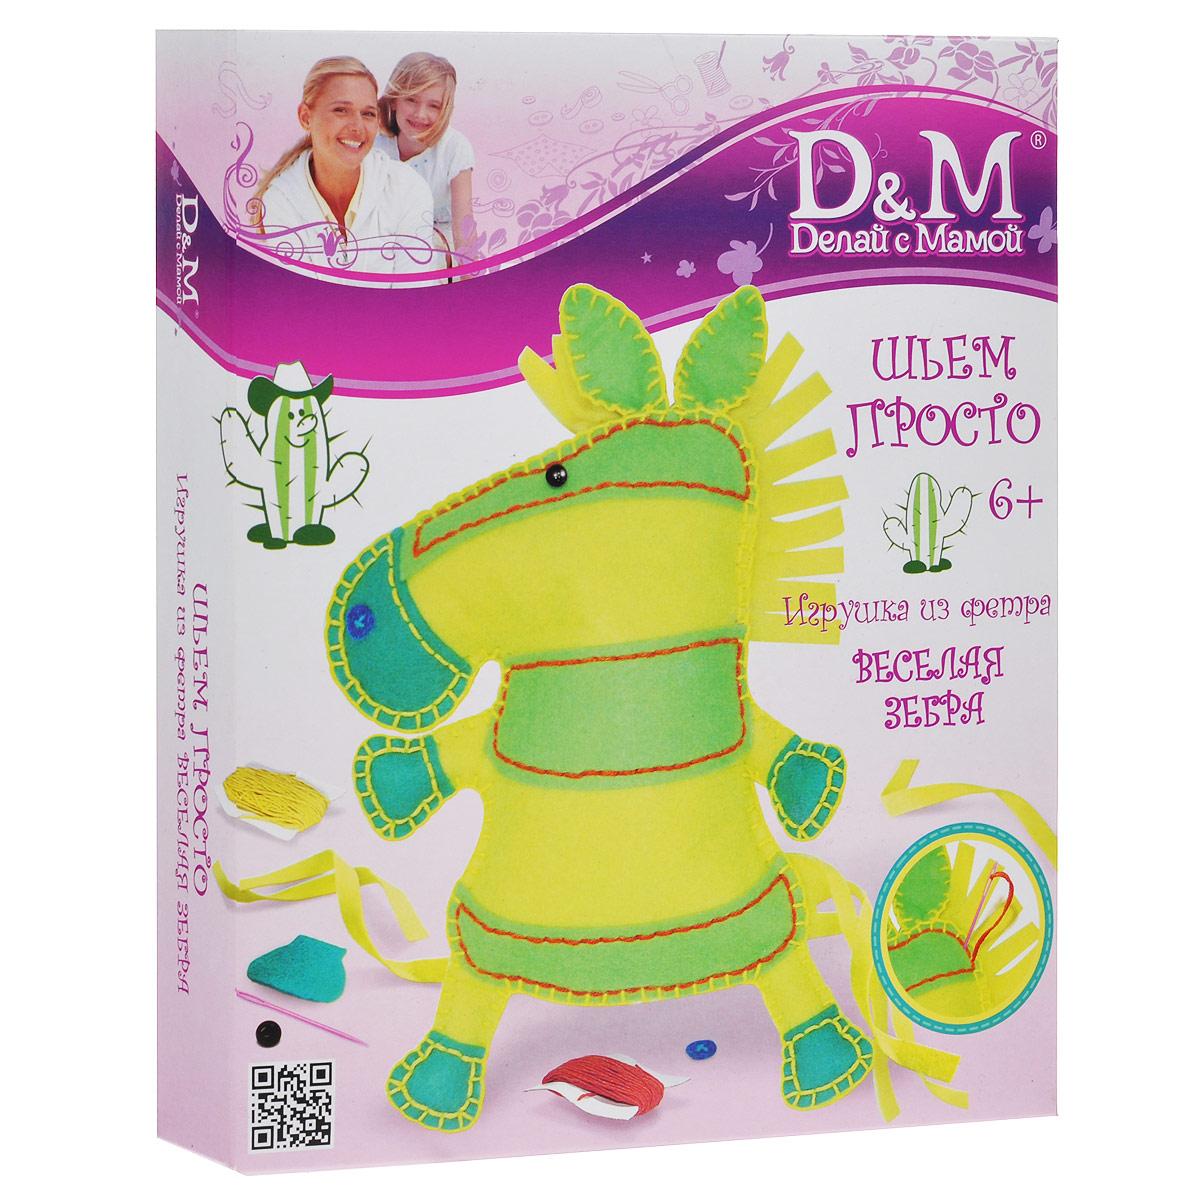 Набор для создания игрушки D&M Лошадка10693С помощью набора для детского творчества вы и ваш ребенок сможете создать уникальную игрушку D&M Лошадка. Оригинальный набор для творчества позволит ребенку стать дизайнером. Набор включает в себя фетровые детали, бусинки, безопасную иглу, нитки, набивной материал и инструкцию на русском языке. Благодаря набору ваш ребенок научится творчески решать поставленные задачи, разовьет интеллектуальные и инструментальные способности, воображение, терпение и кругозор.